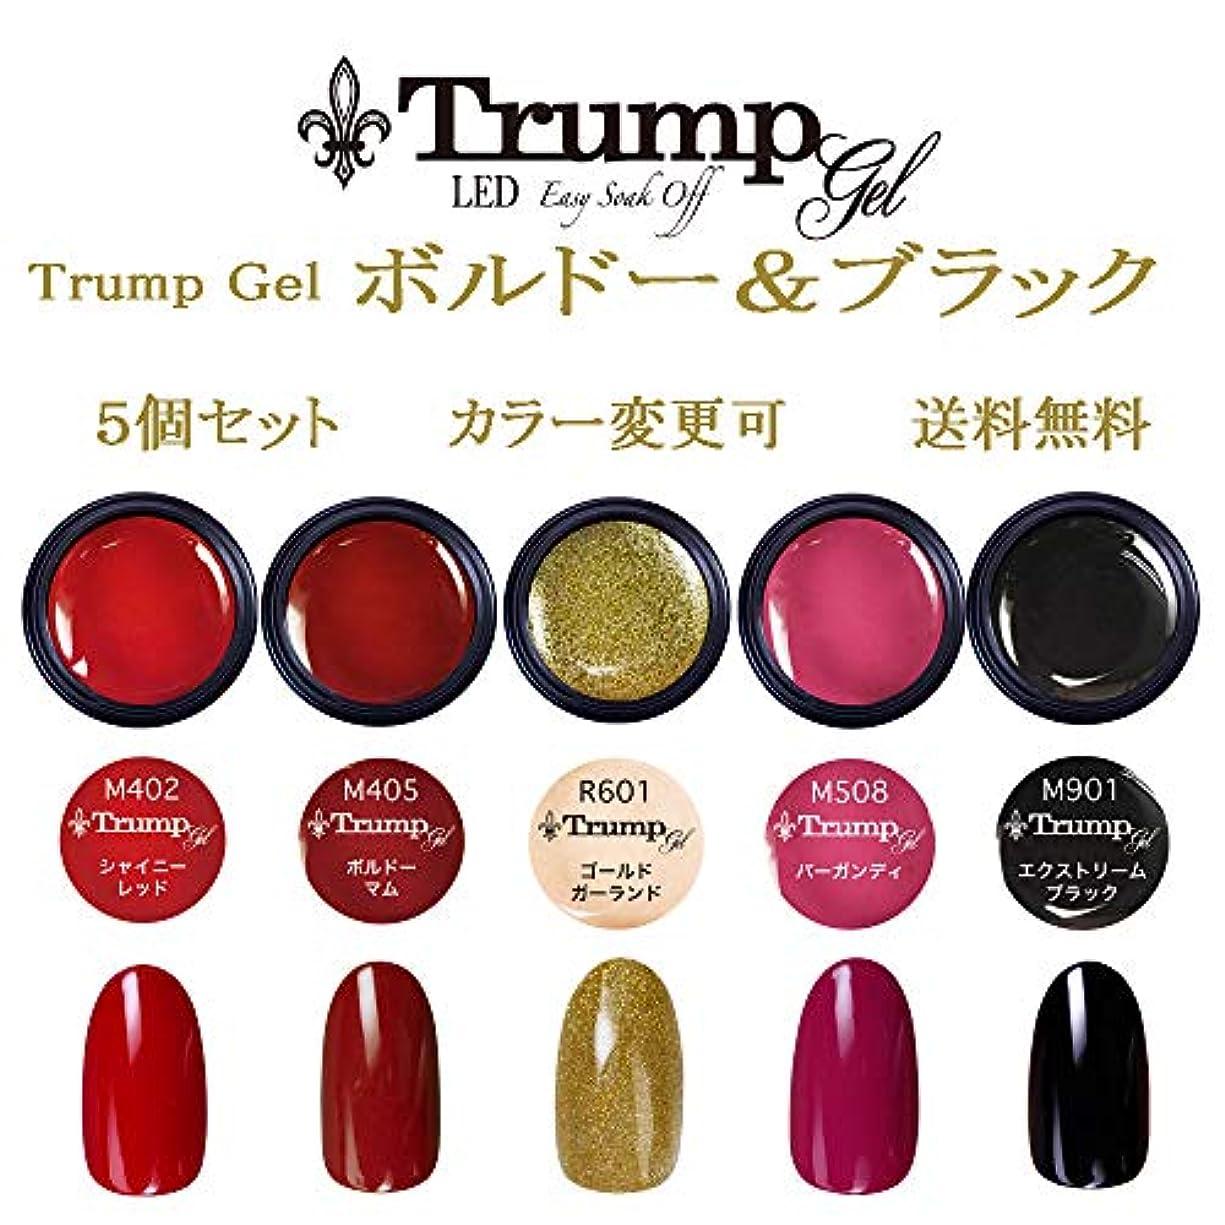 パネル出身地クレタ日本製 Trump gel トランプジェル ボルドー & ブラック ネイル 選べる カラージェル 5個セット ワイン ボルドー ゴールド パープル ブラック